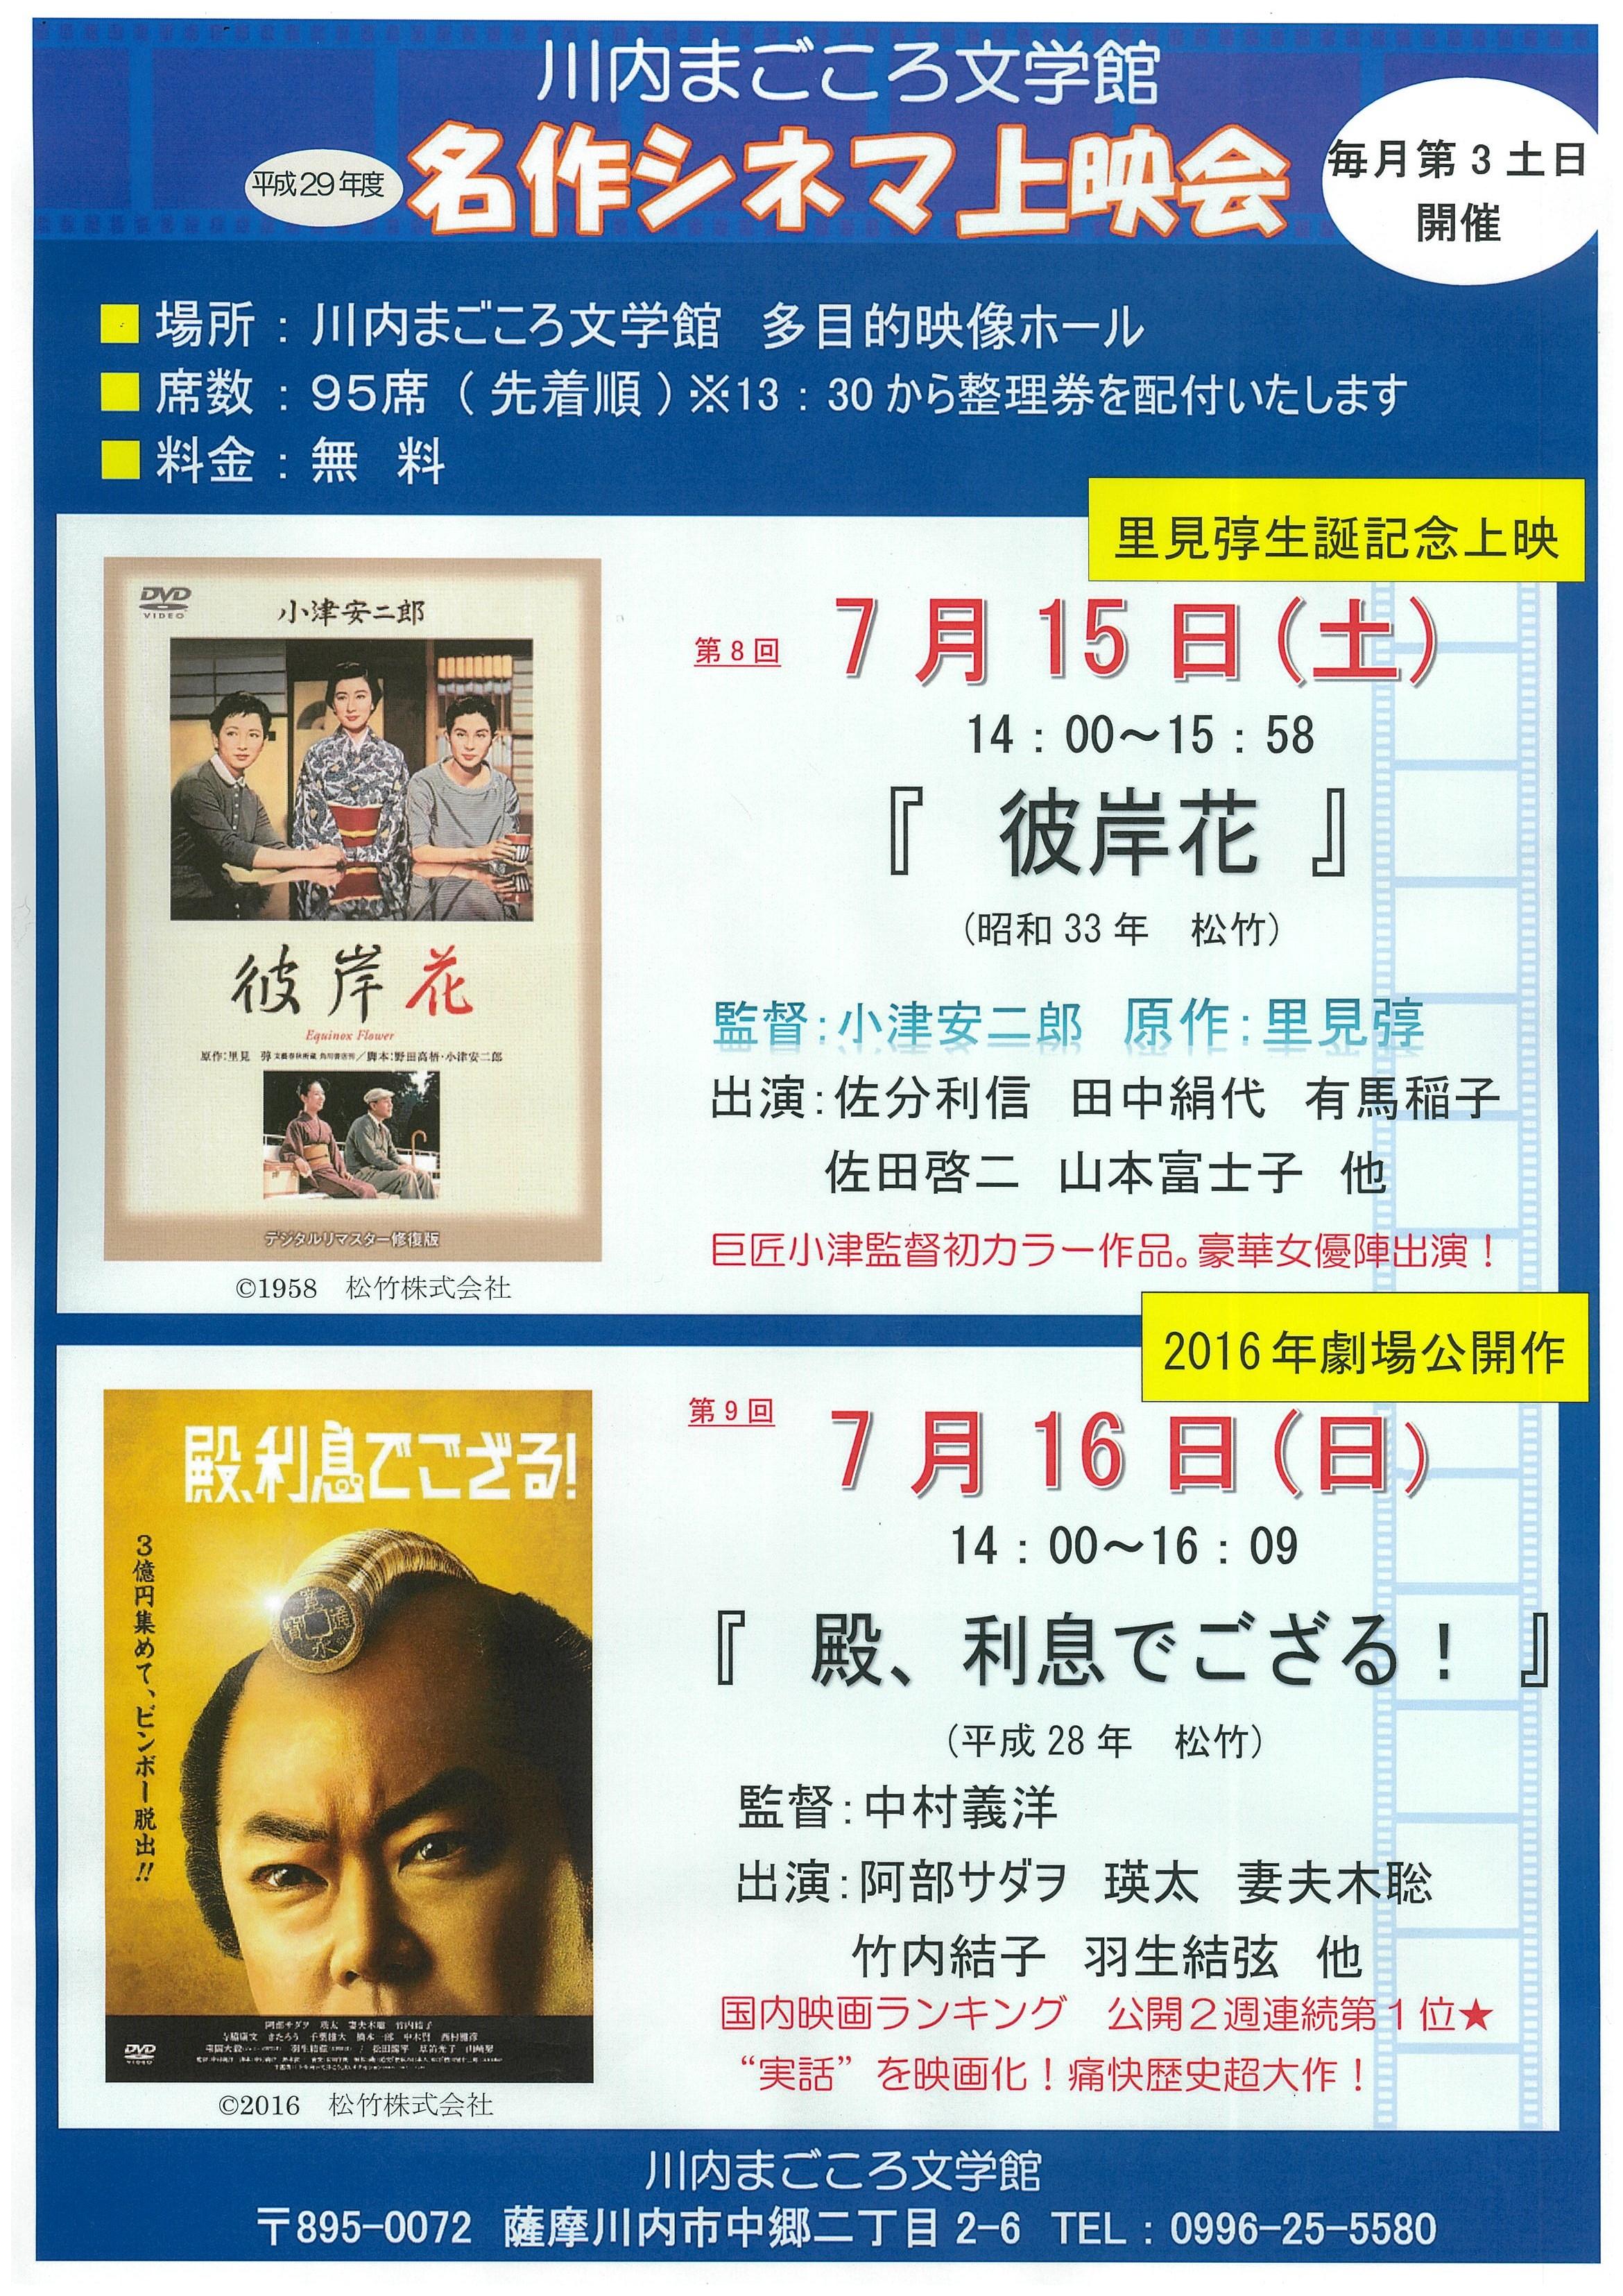 第8回 名作シネマ上映会『 彼岸花 』(昭和33年 松竹)